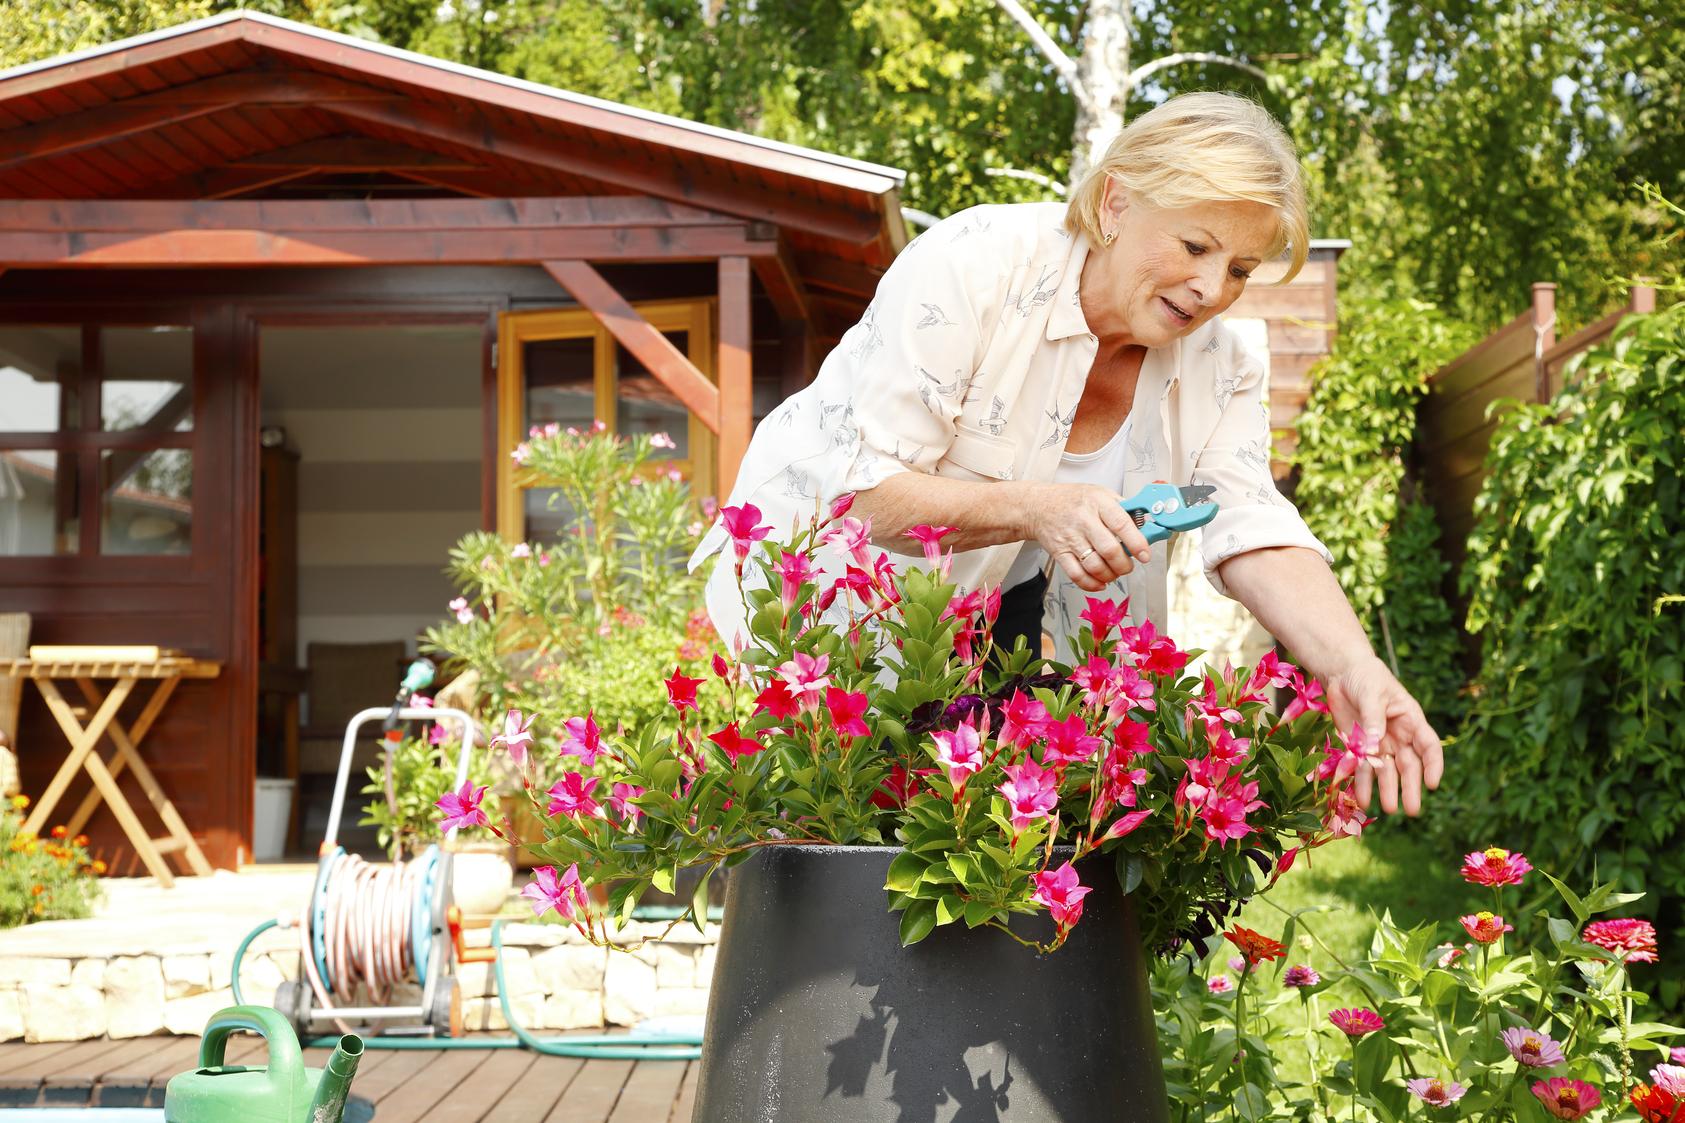 Woman tending to plants in her garden